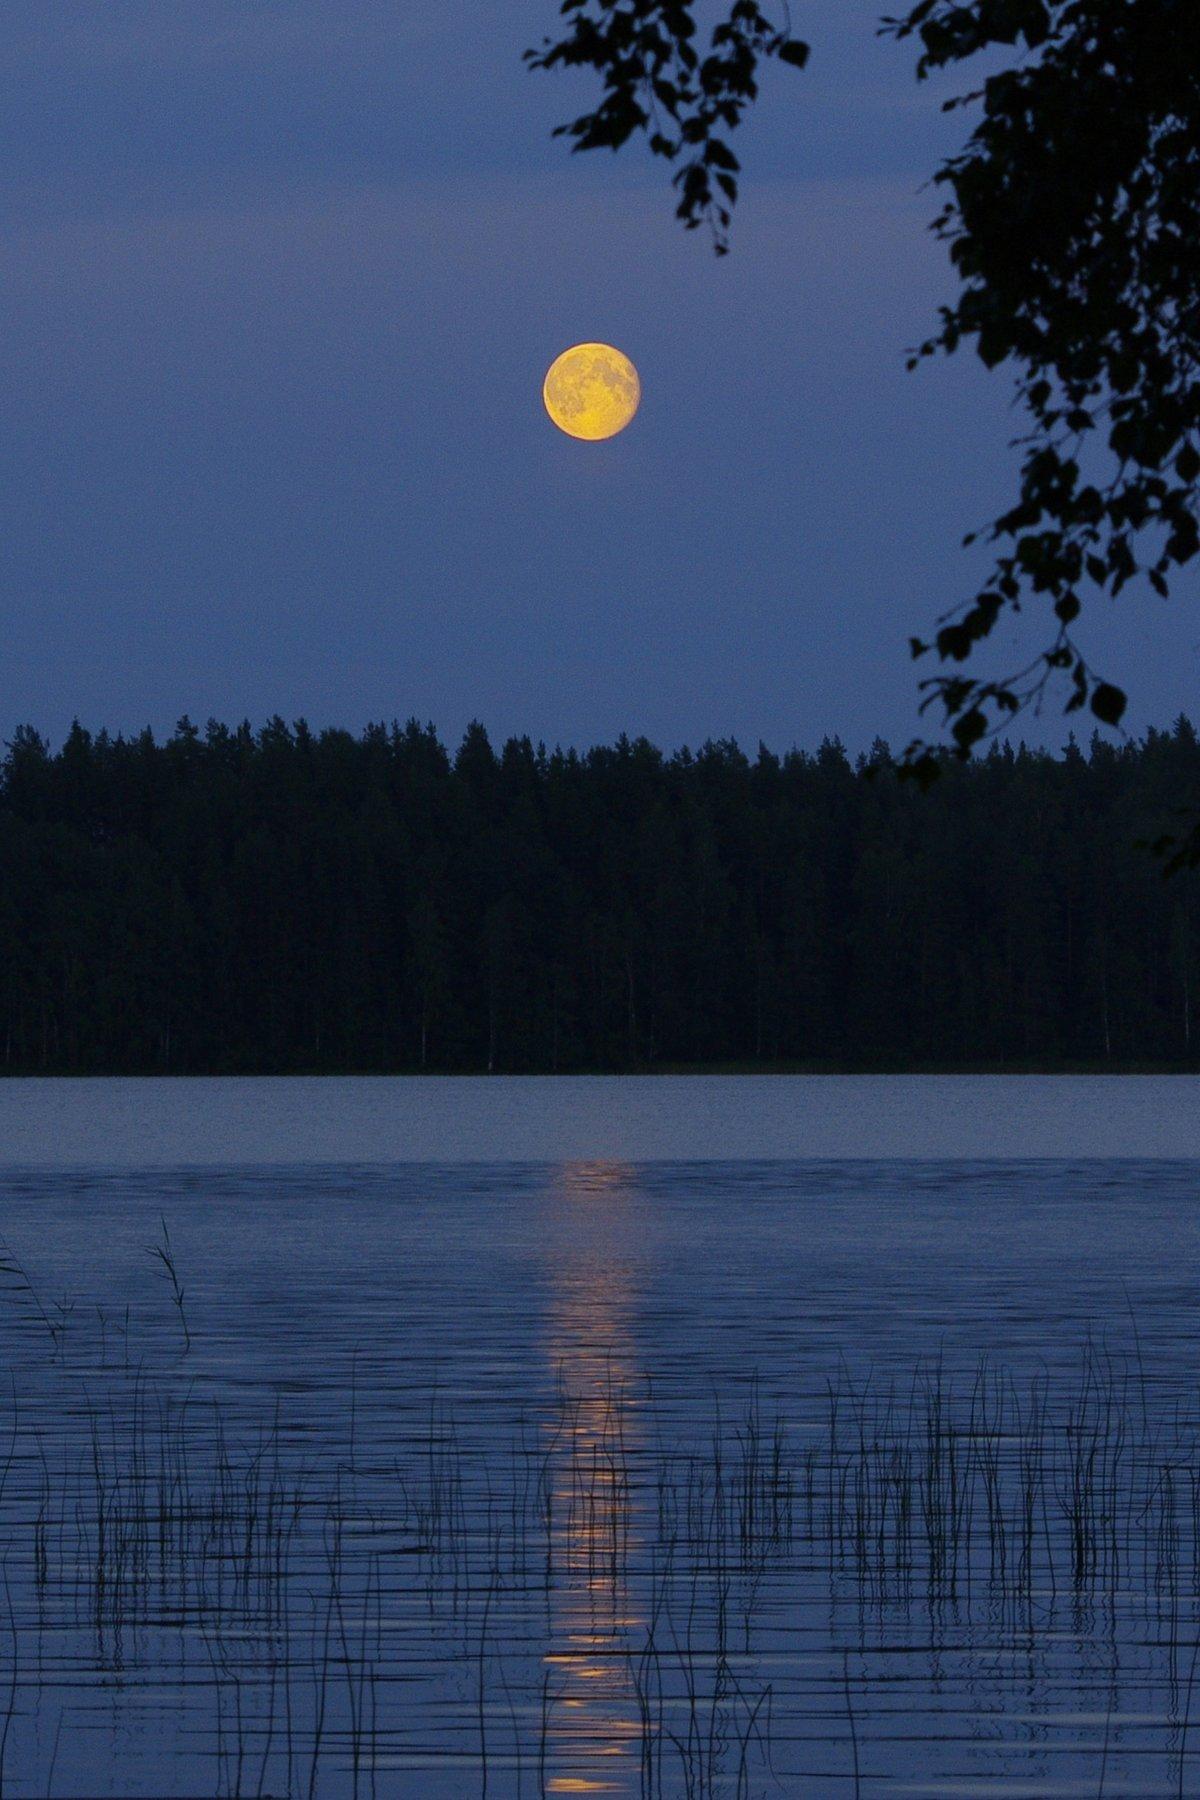 организм это лунная ночь на озере фото первую